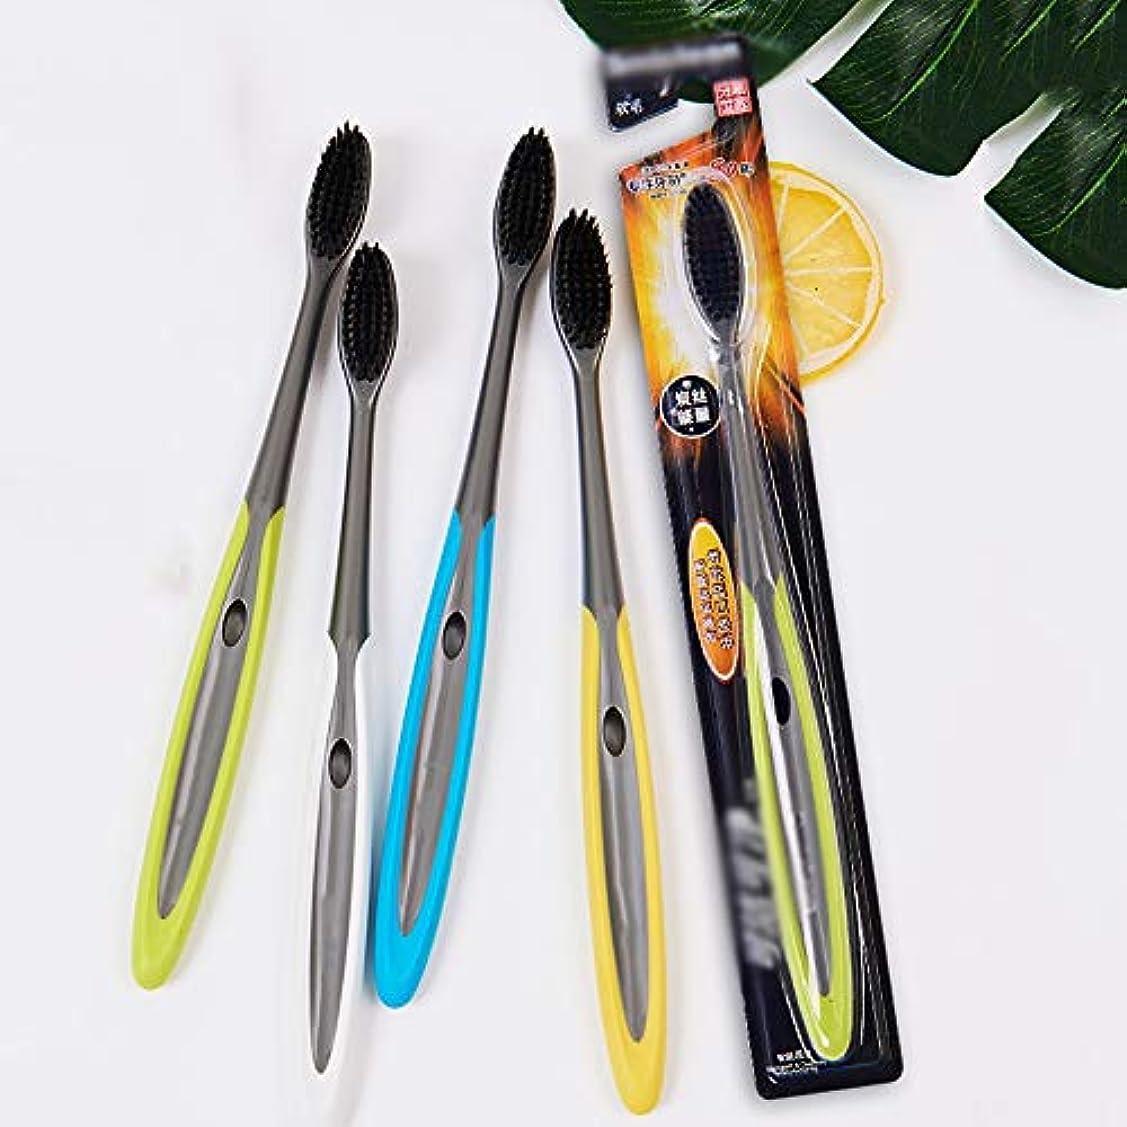 しかしながら突き出す除外する歯ブラシ アダルト竹炭歯ブラシ、バルク柔らかい歯ブラシは、新鮮な口歯ブラシを支援します - 10パック KHL (サイズ : 10 packs)